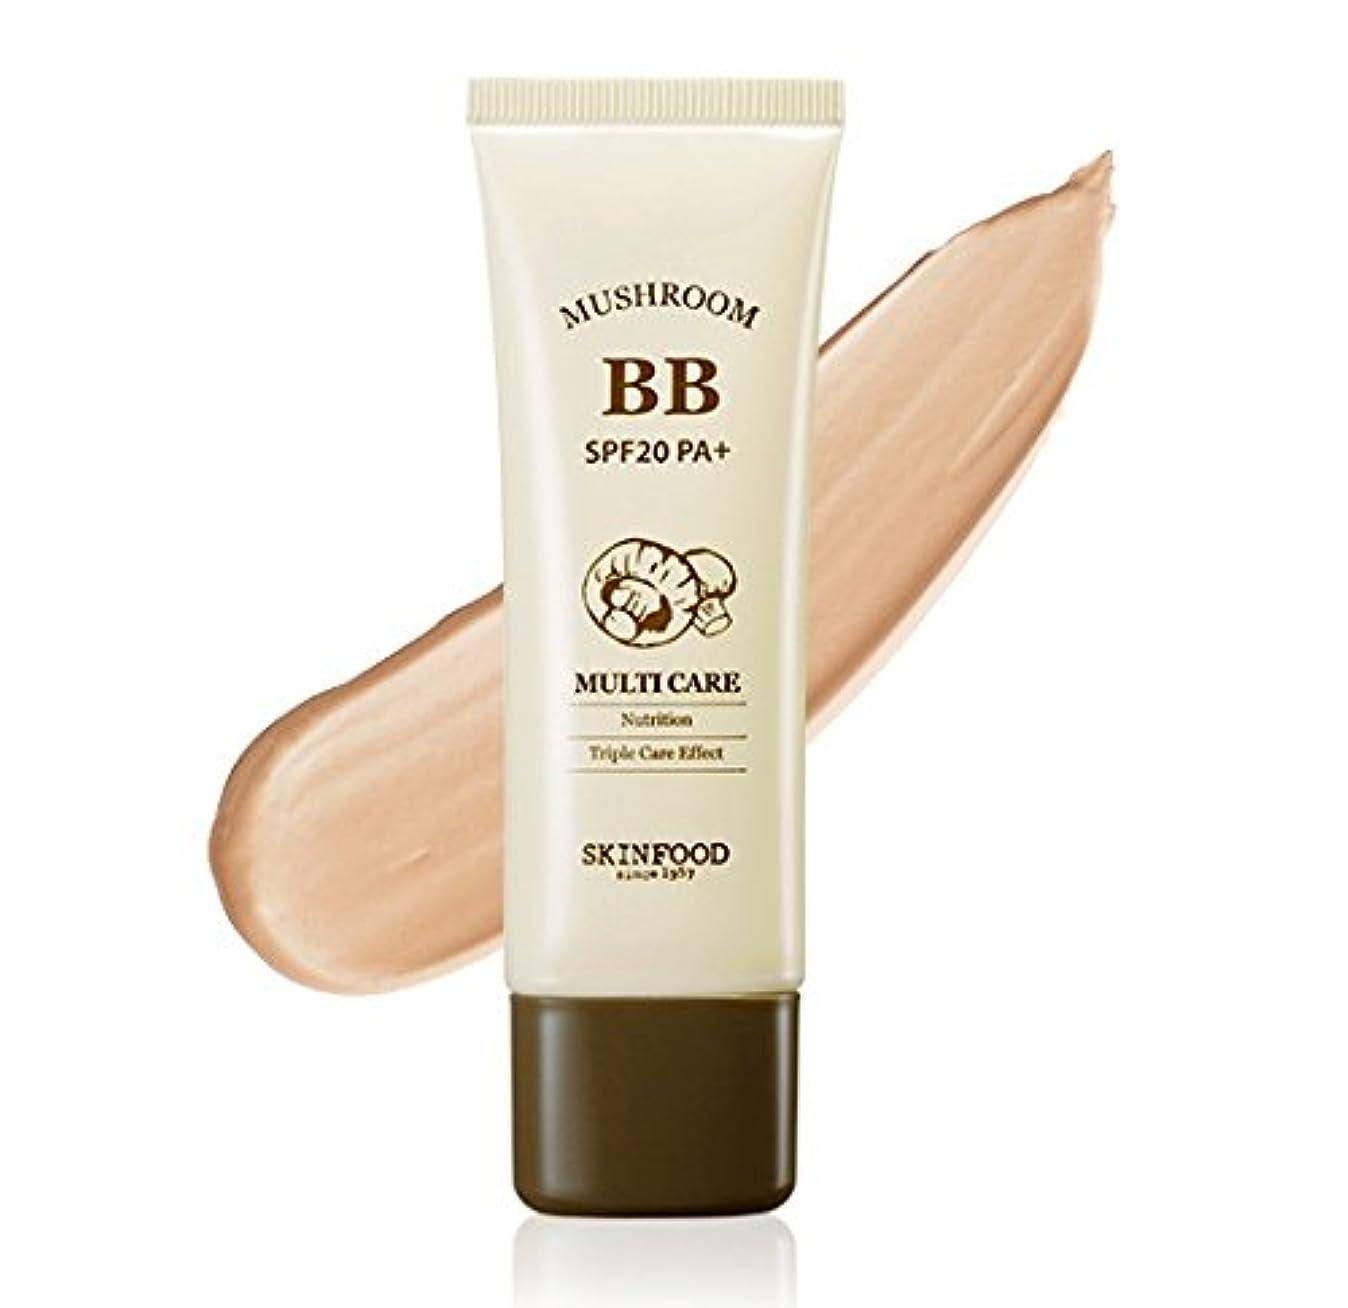 社会主義暖かさセント#Bright skin SKINFOOD Mushroom Multi Care BB Cream スキンフード マッシュルーム マルチケア BB cream クリーム SPF20 PA+ [並行輸入品]